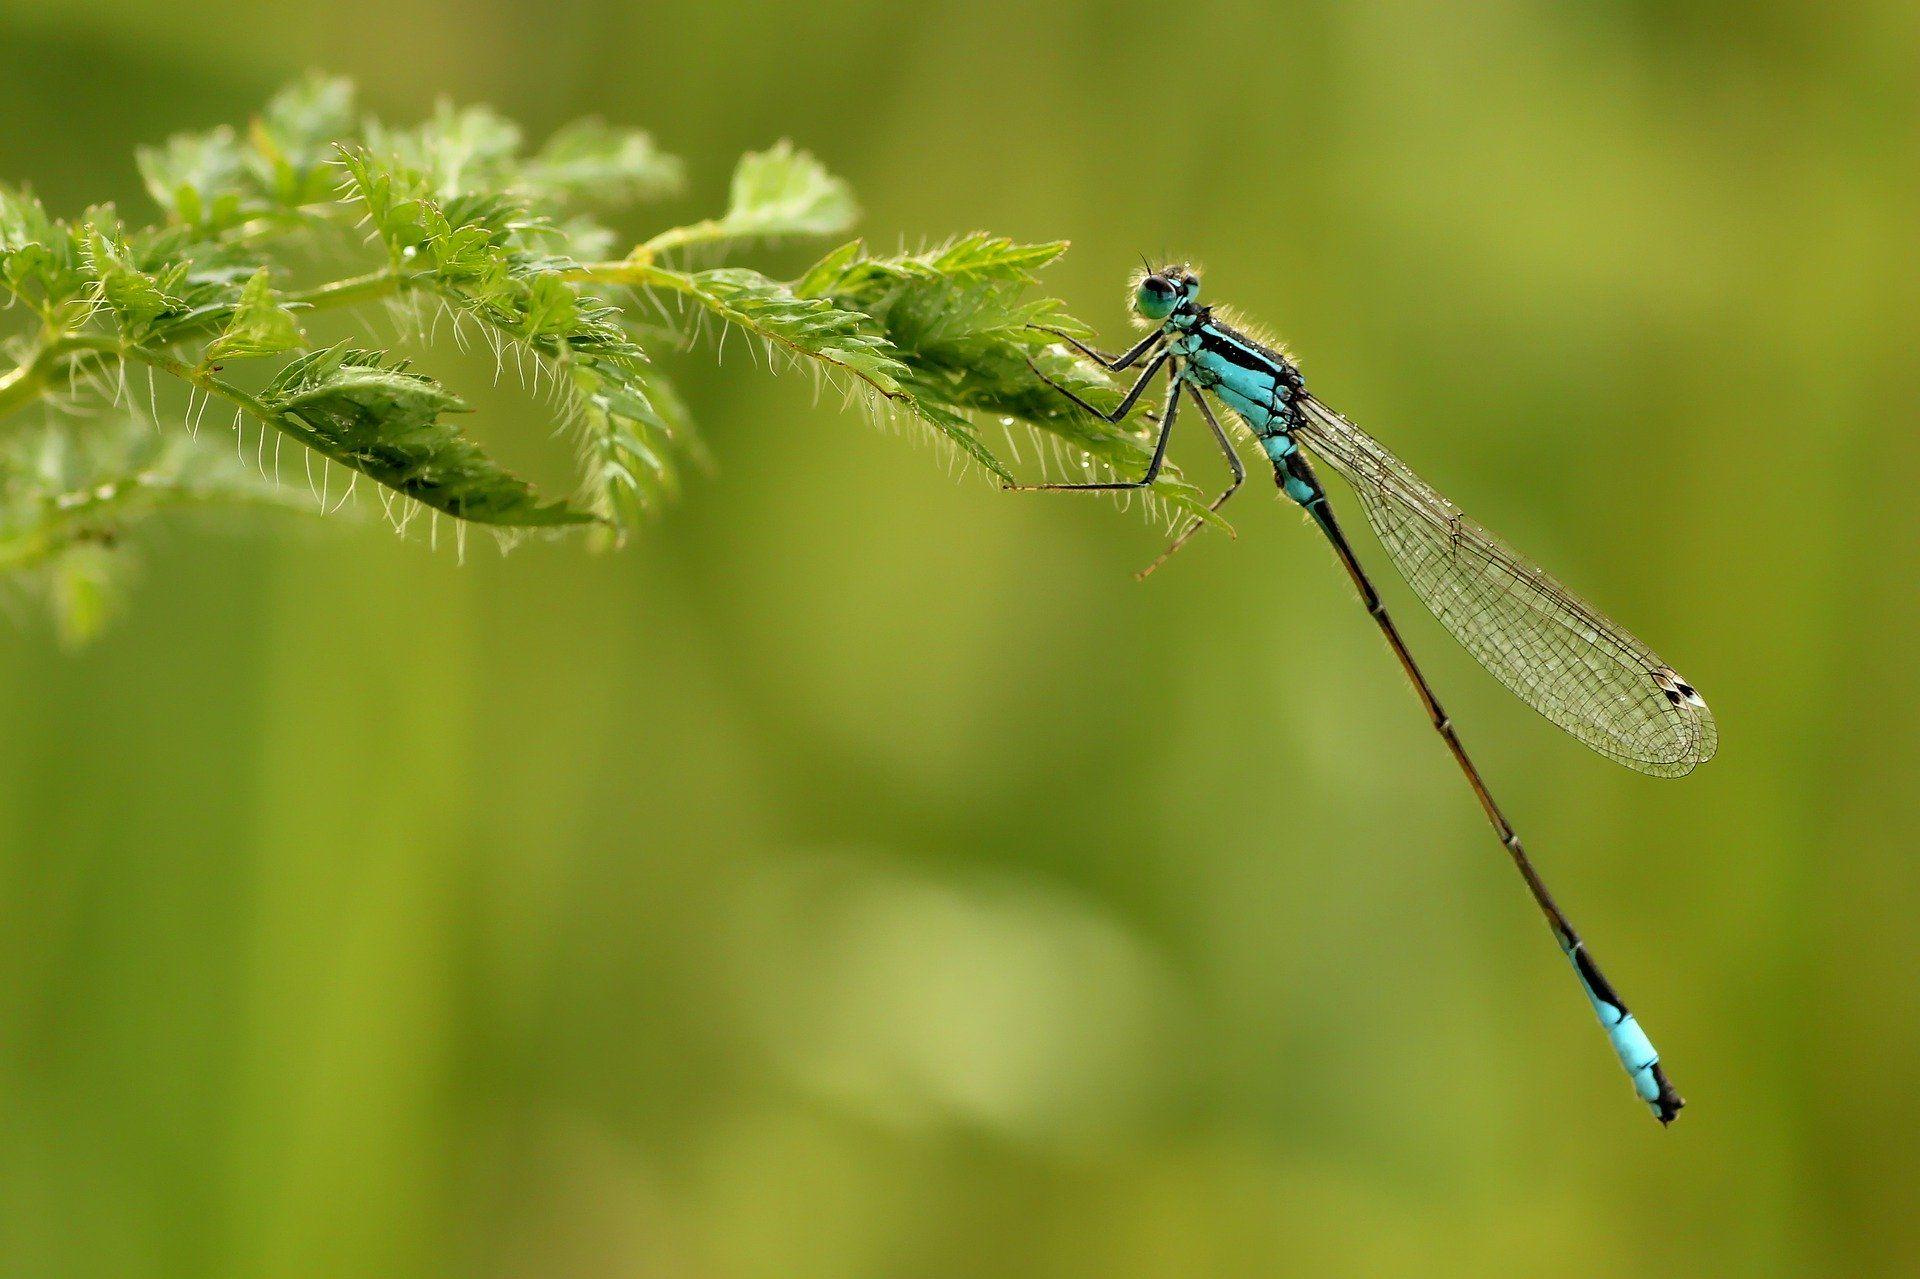 Смотреть картинки стрекозы онлайн